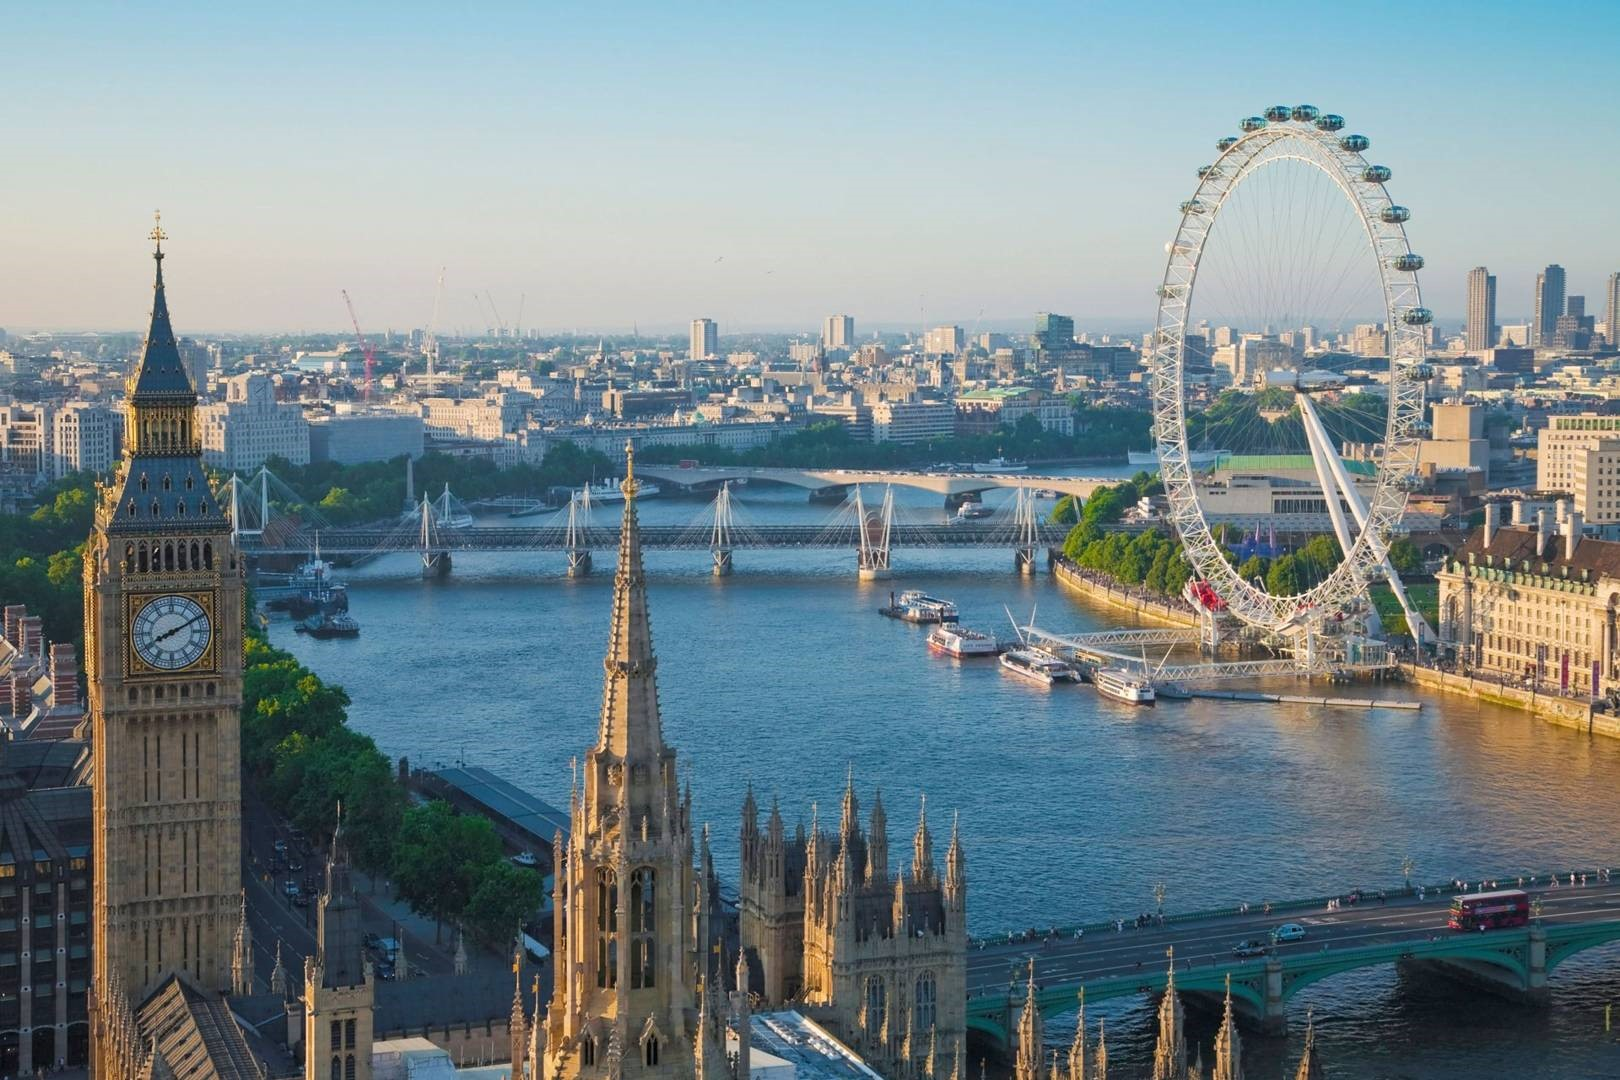 Các công trình biểu tượng của London dọc bờ sông Thames